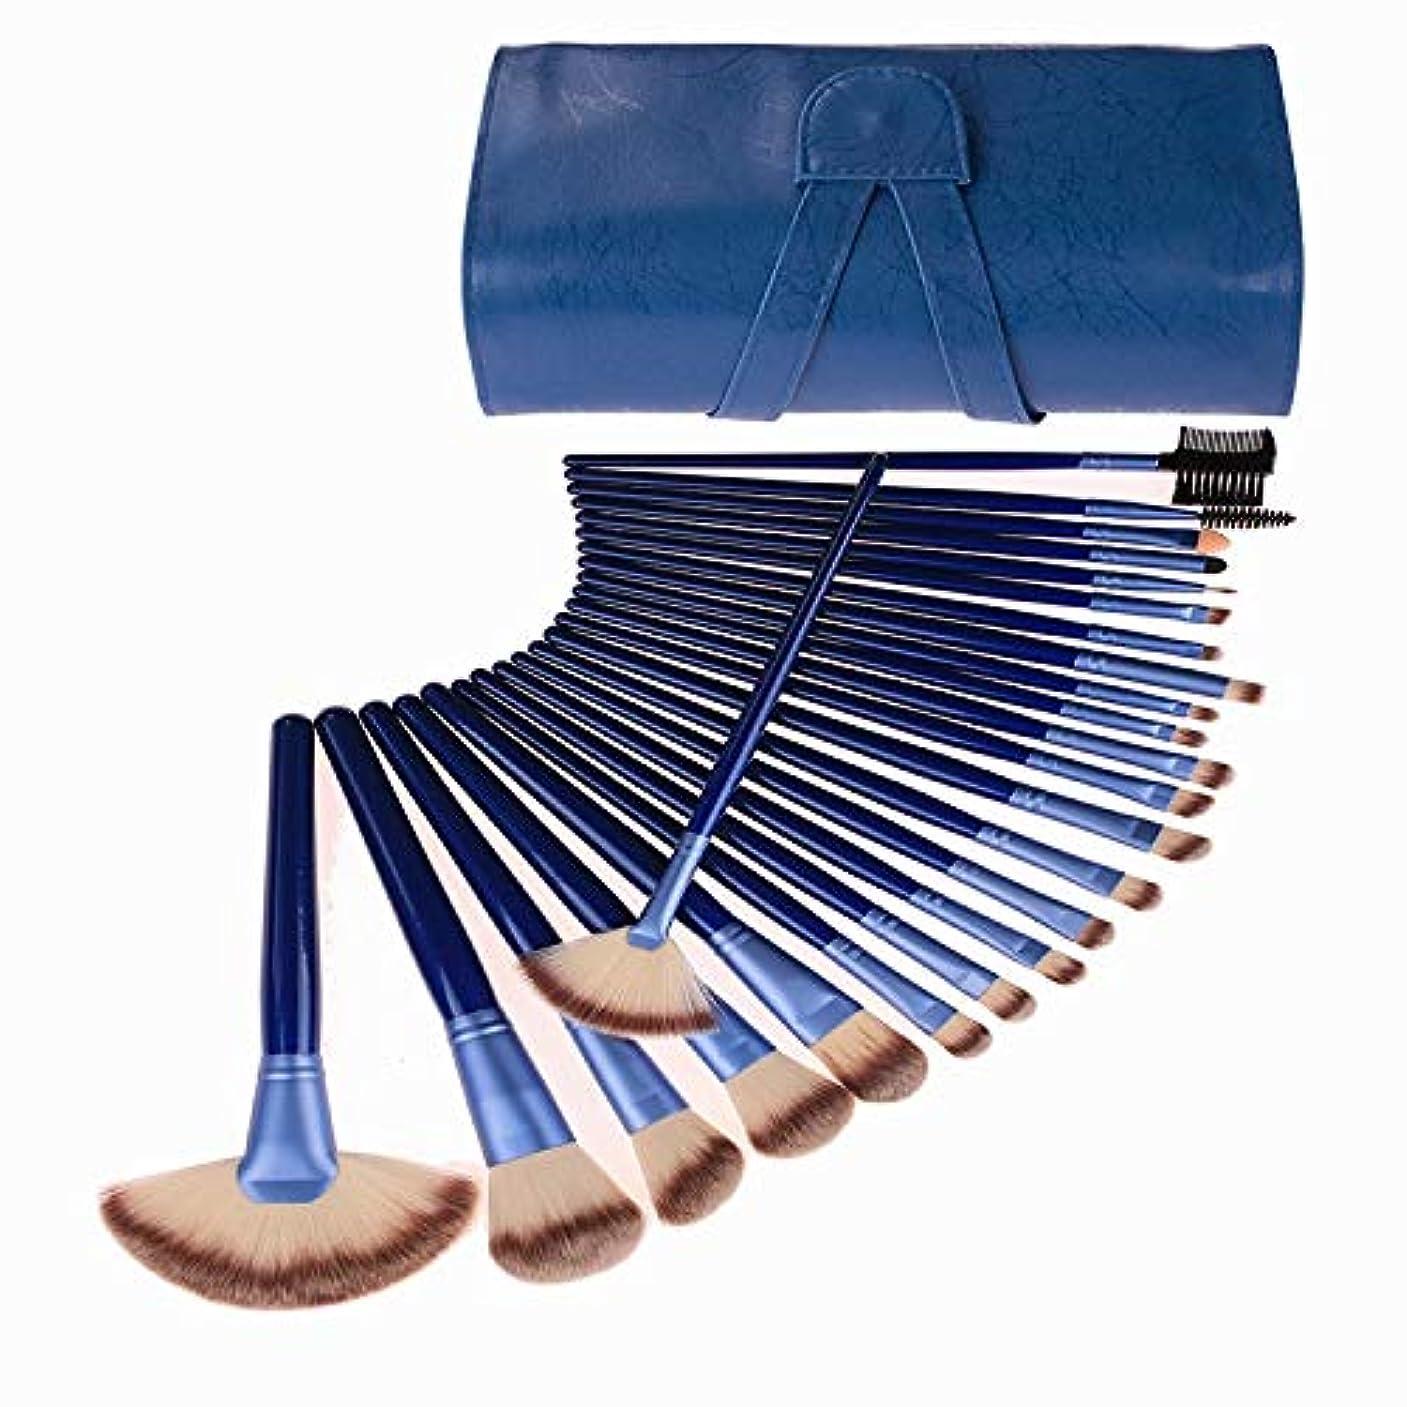 ガジュマルレタッチ参照する化粧ブラシスタートメーカー24個天然竹化粧ブラシセットビーガンプロ化粧品歌舞伎ブラシ化粧ブラシセット非常に柔らかい化粧ブラシセット美容スポンジ (Color : Blue)